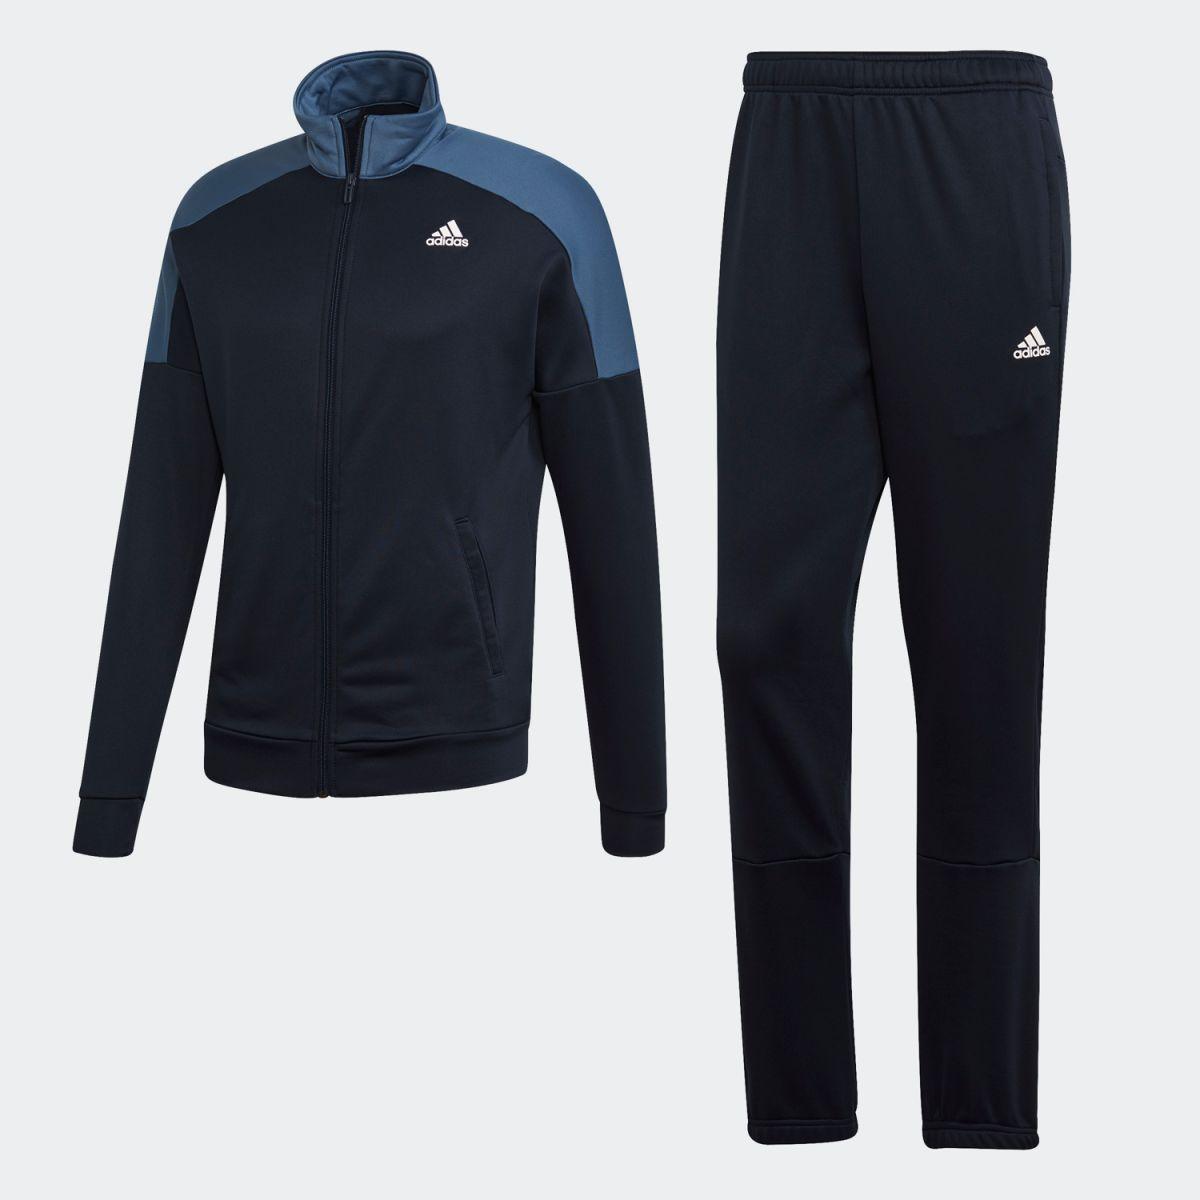 【公式】アディダス adidas バッジ オブ スポーツ トラックスーツ(ジャージセットアップ) / Badge of Sport Track Suit メンズ ウェア セットアップ ジャージ EB7653 moress